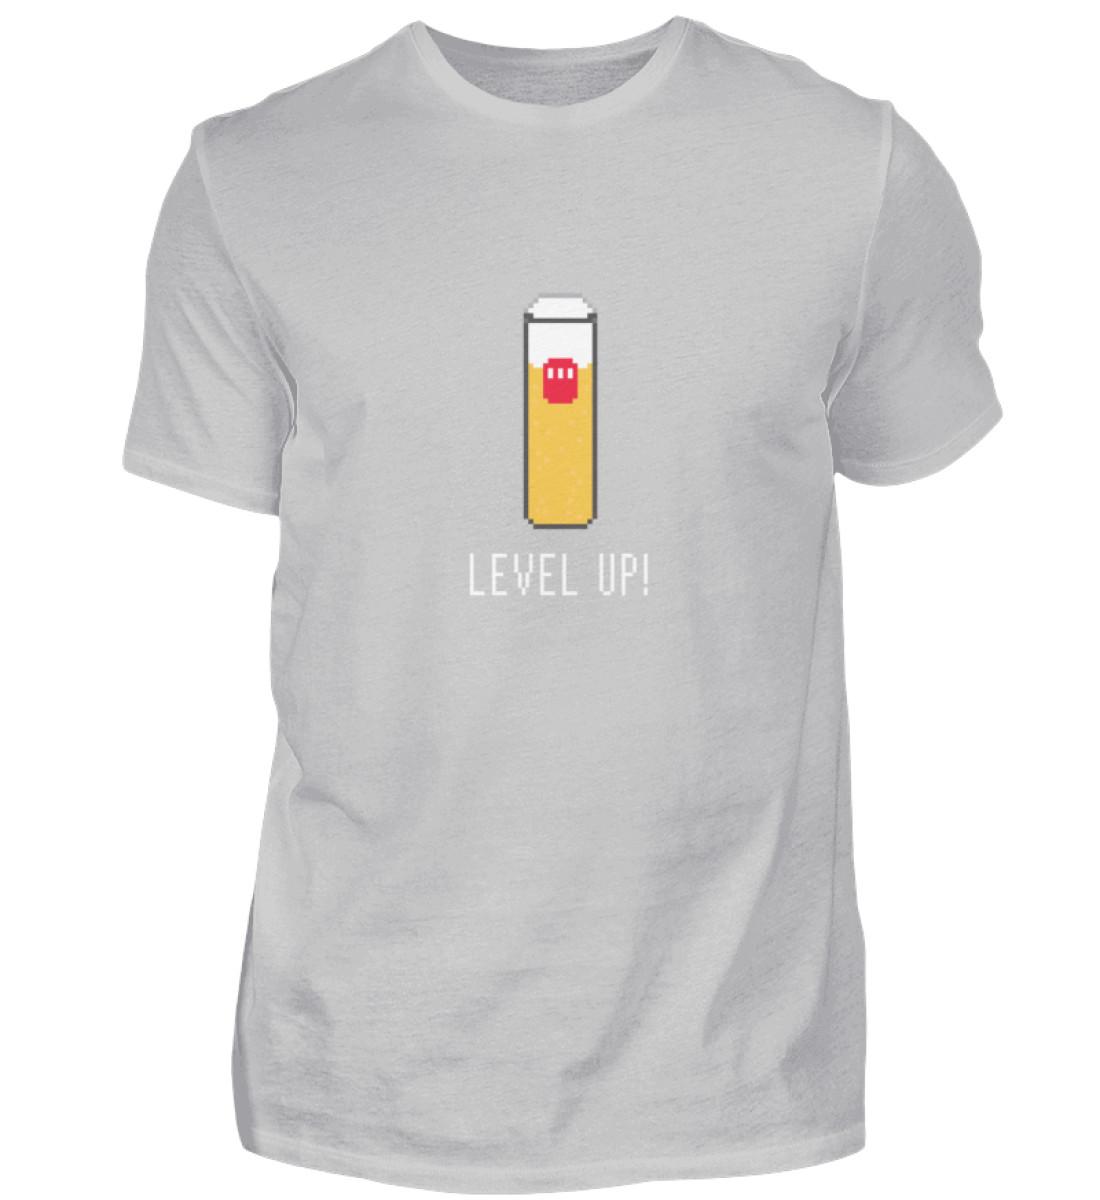 Level up T-Shirt - Herren Shirt-1157